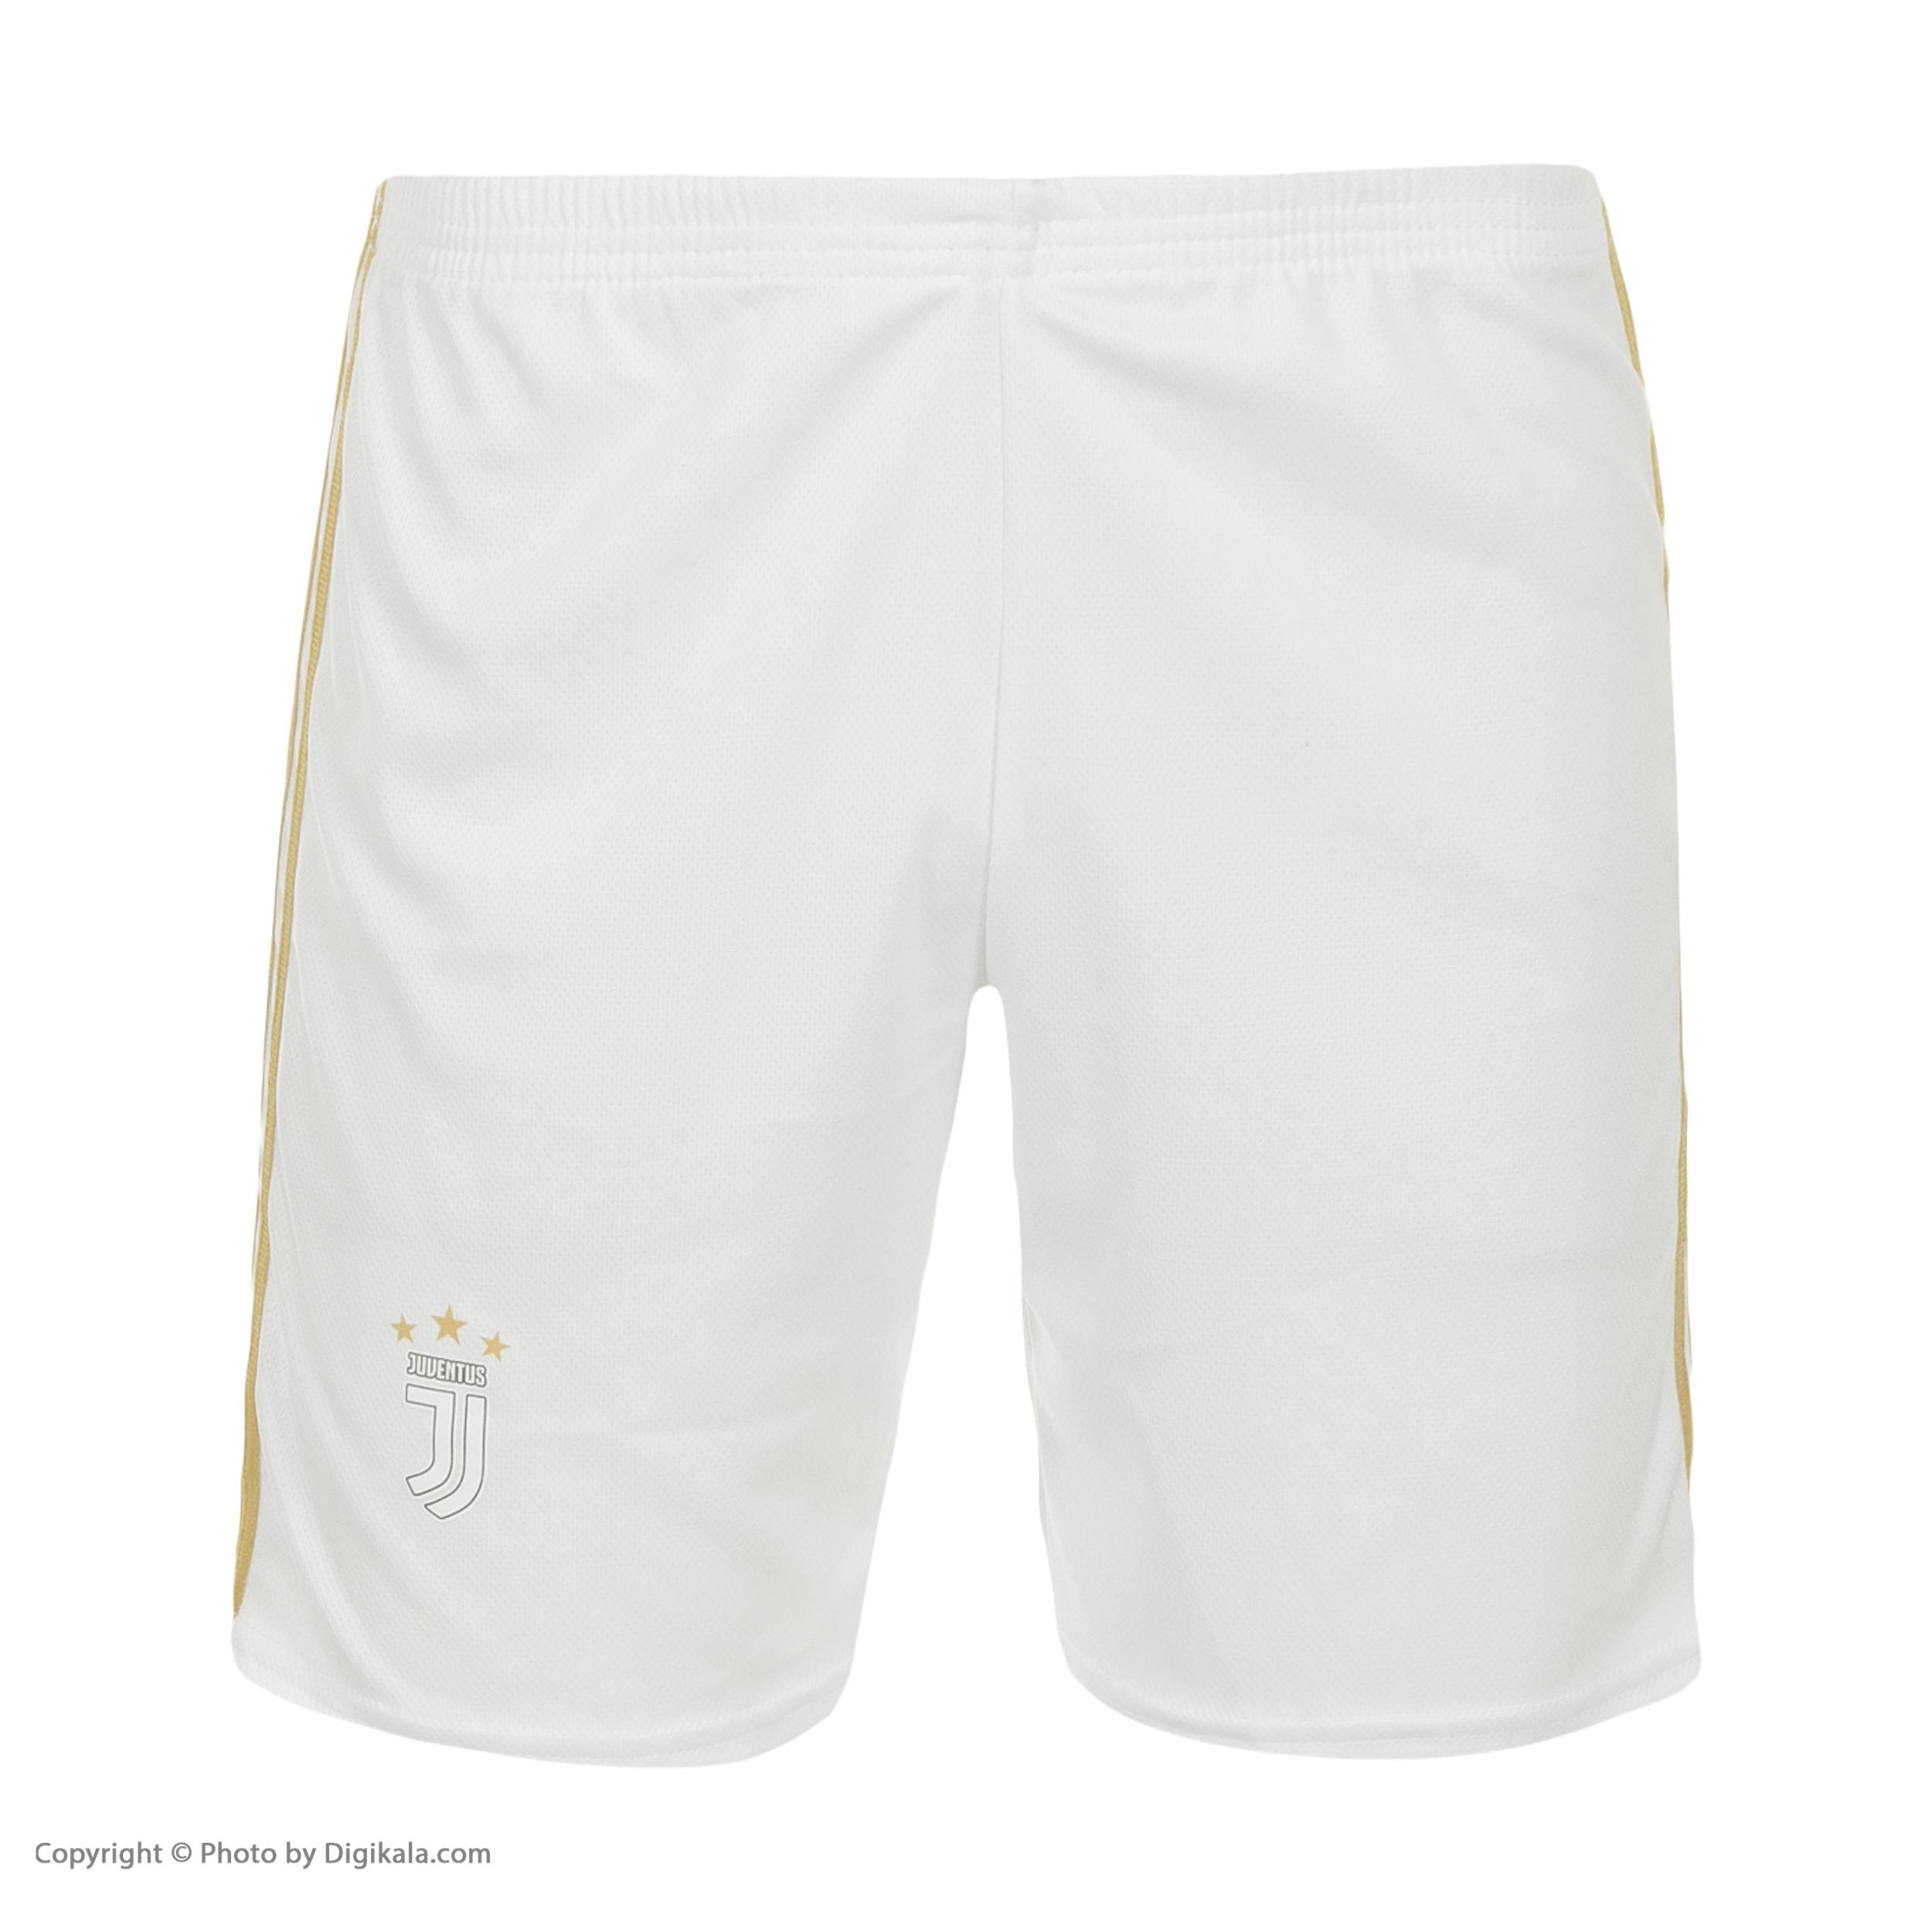 ست پیراهن و شورت ورزشی پسرانه طرح تیم یوونتوس مدل رونالدو 2021 main 1 4